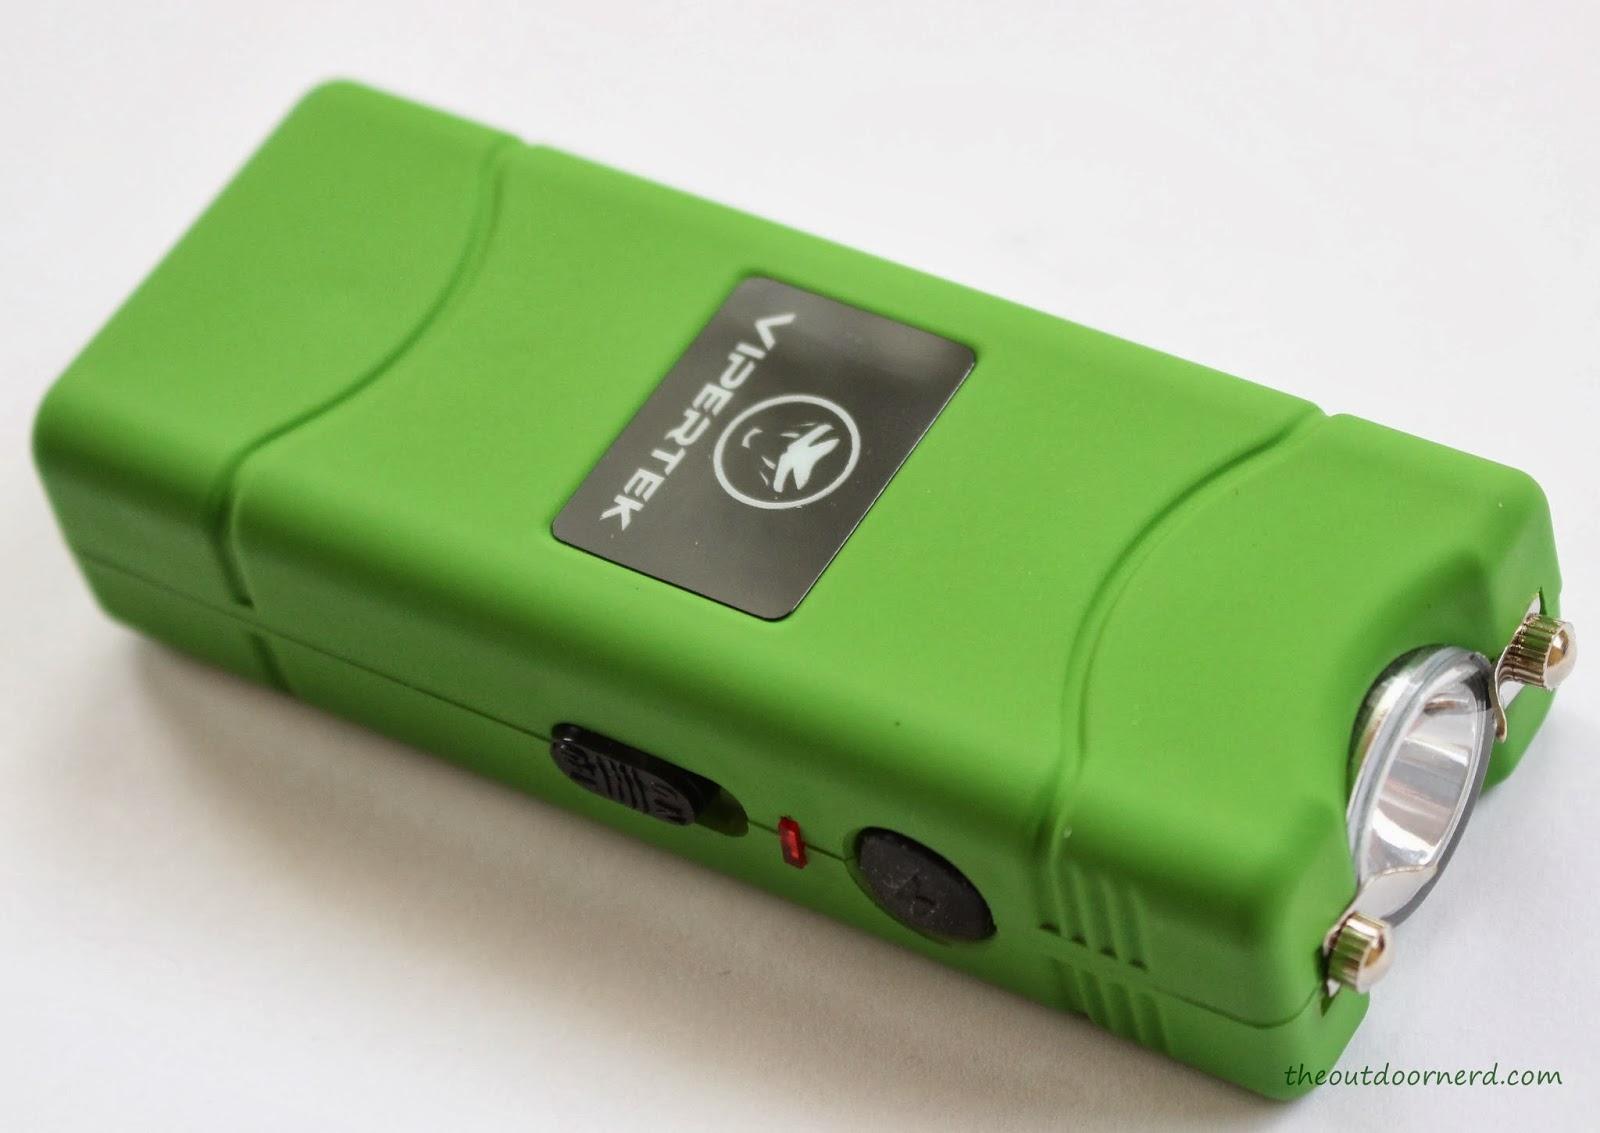 Vipertek VTS-881: Closeup Of Green Model 4